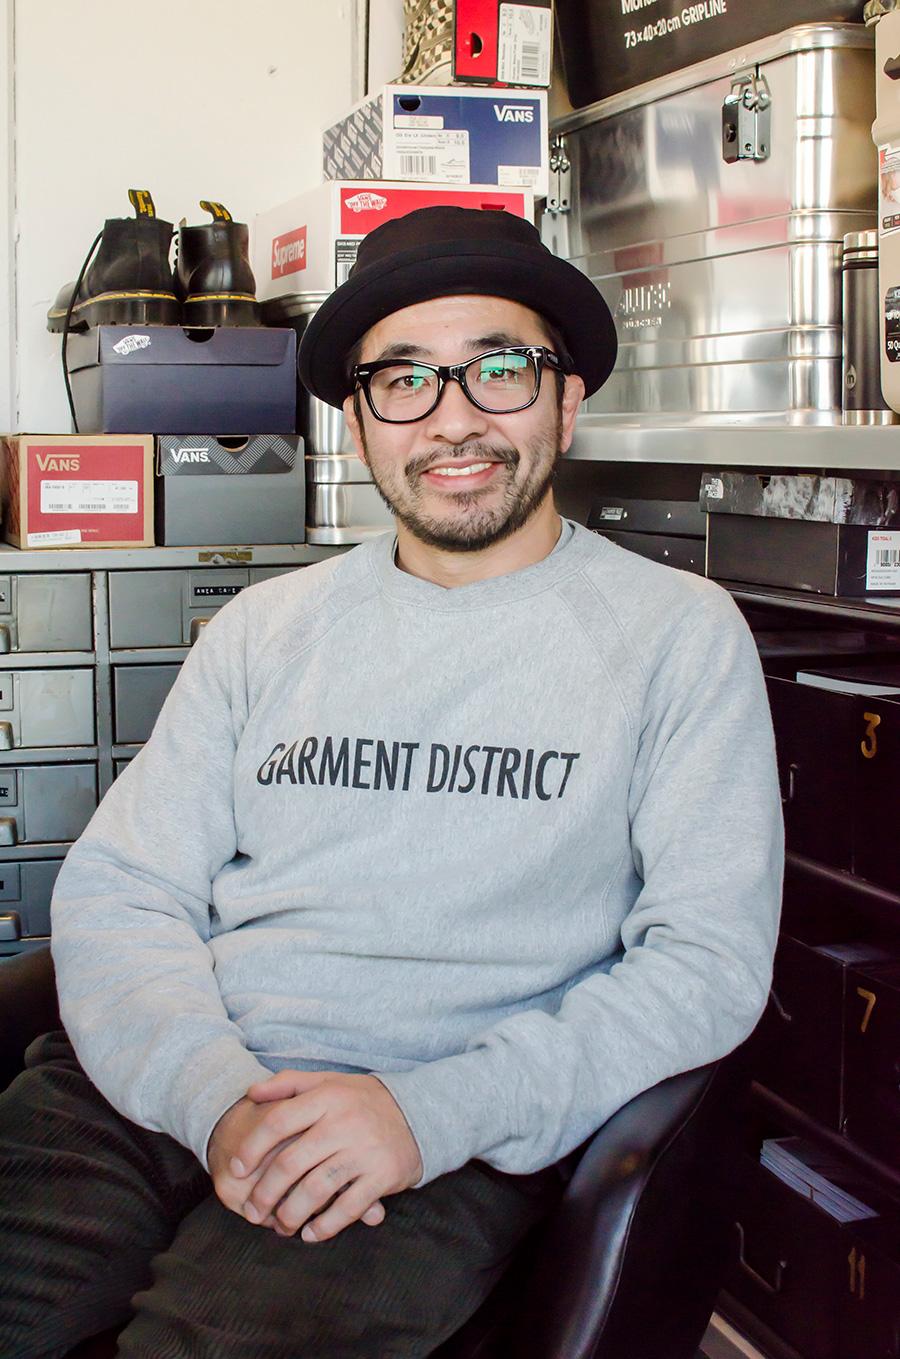 横町健さん。飲食店プロデュース会社「anea design」を創業。2012年にコーデックスと出会う。インスタグラム「aneaken」はフォロワー2万人。